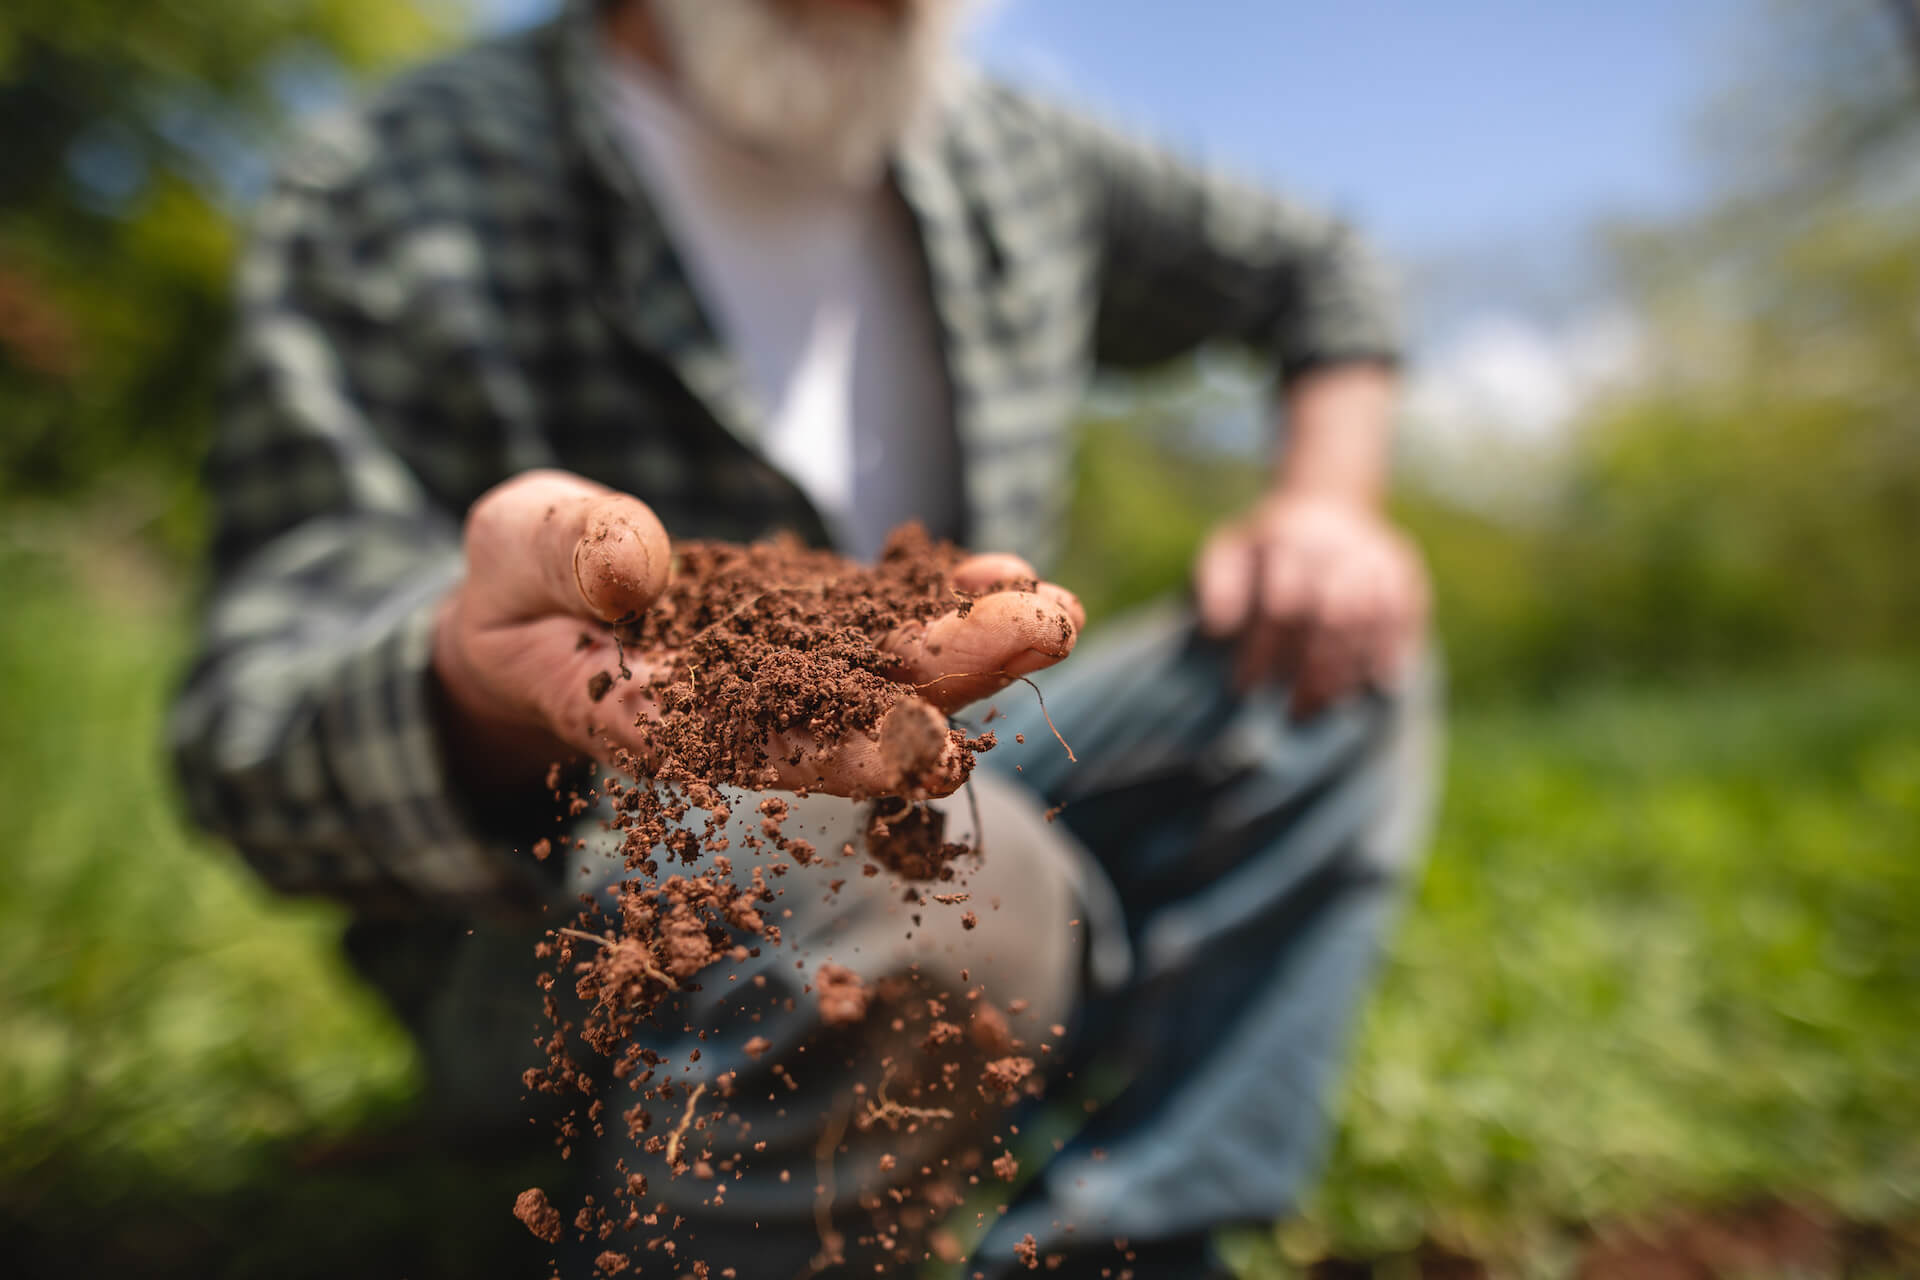 Topraklar birçoğumuz için tohum, gübre ve zirai ilaç kullanılarak ürün alınan alanlar olarak görülmektedir. Ancak topraklar bundan çok daha fazlasıdır.